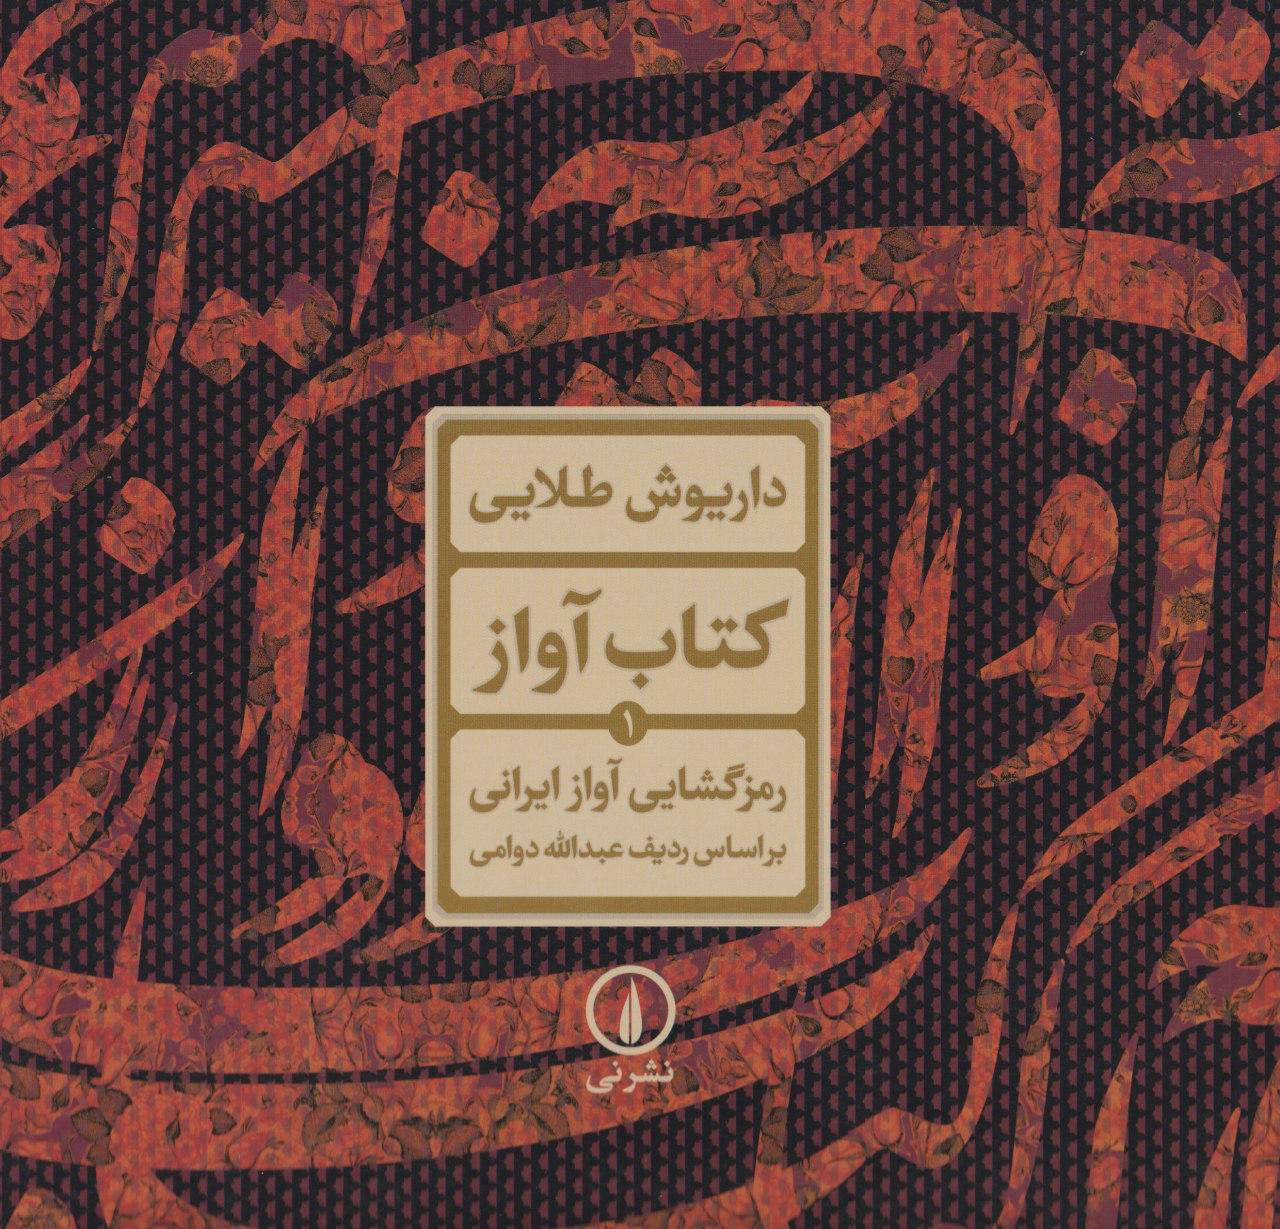 رمز گشایی آواز ایرانی  به دو روایت محسنی و طلایی محسن محسنی